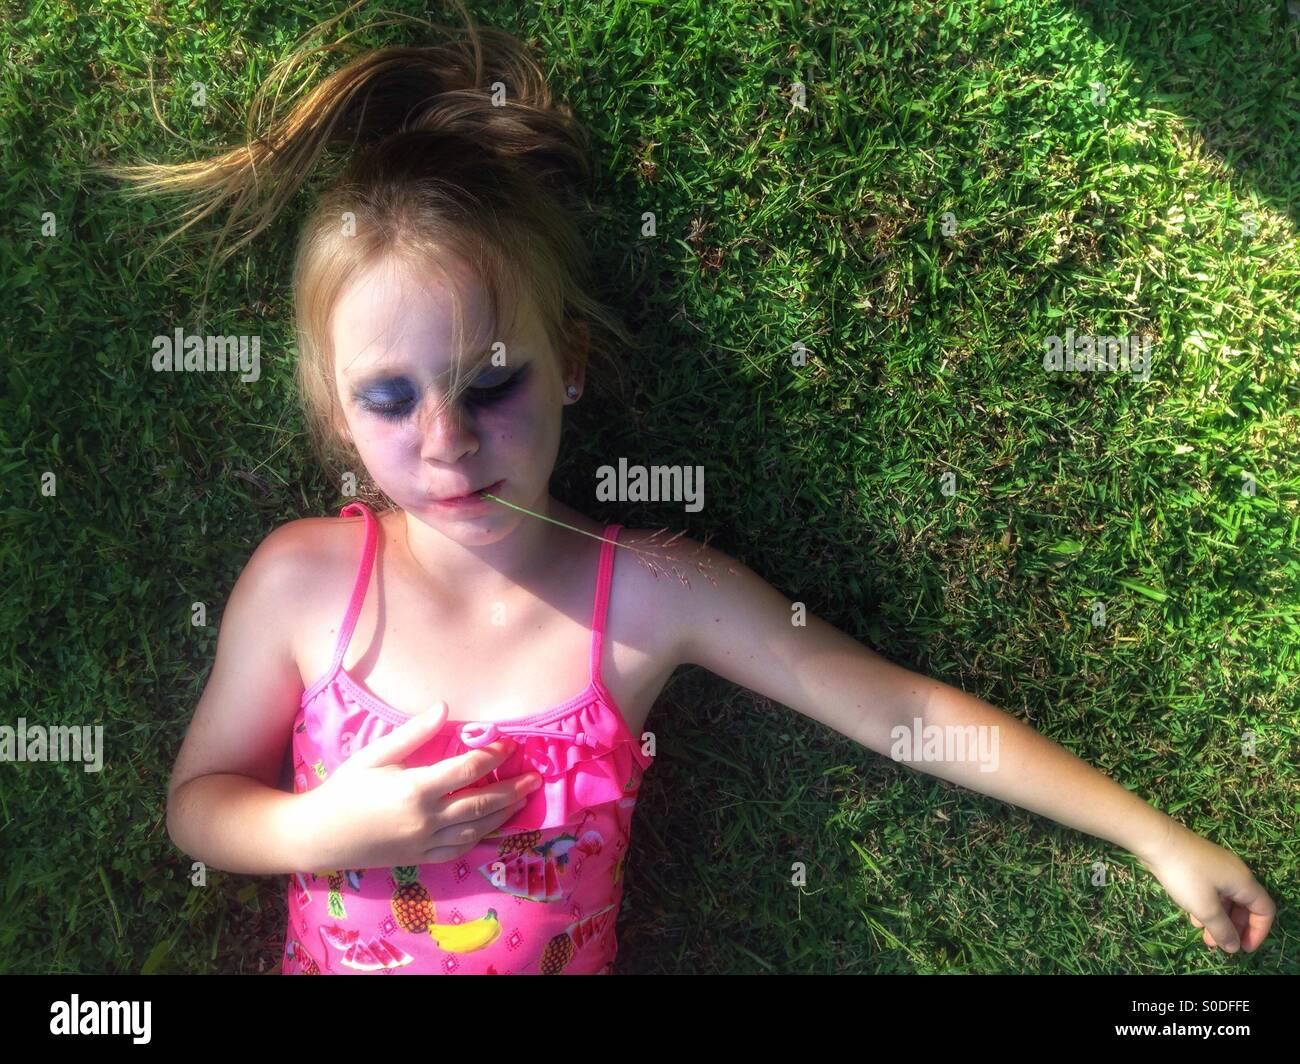 Petite fille se reposant sur la pelouse. Photo Stock